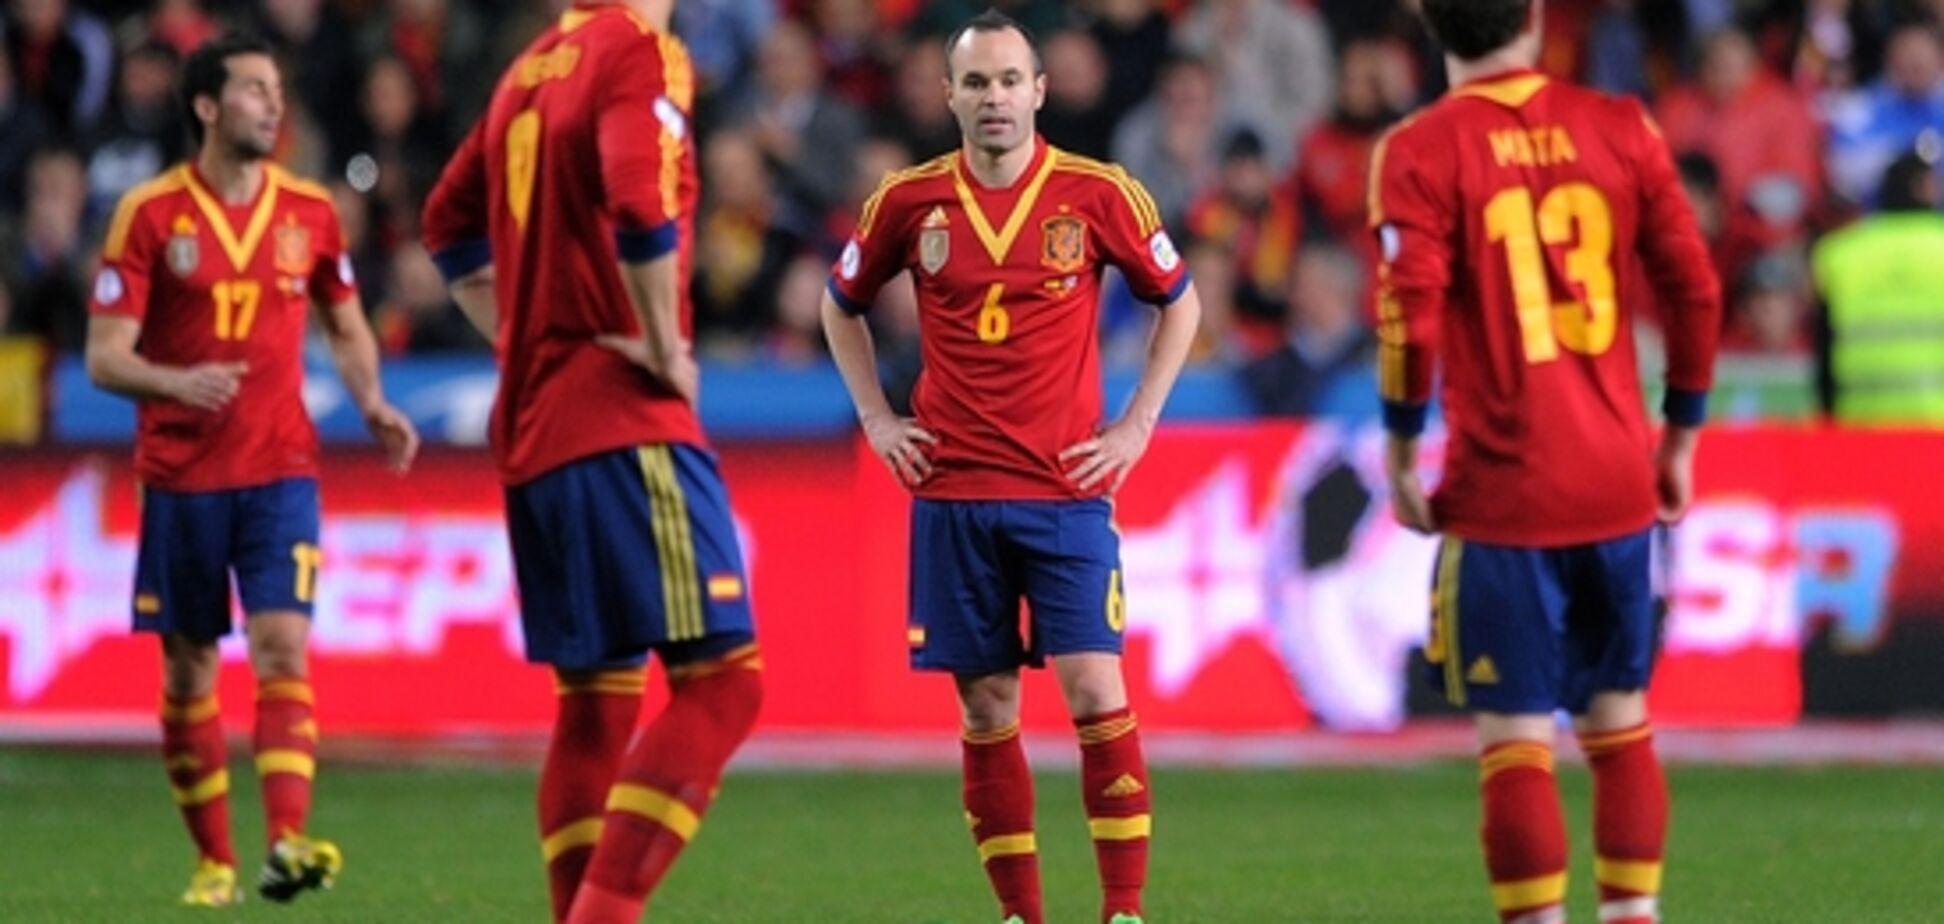 ФИФА может не пустить Испанию на ЧМ-2018 в Россию: названа причина